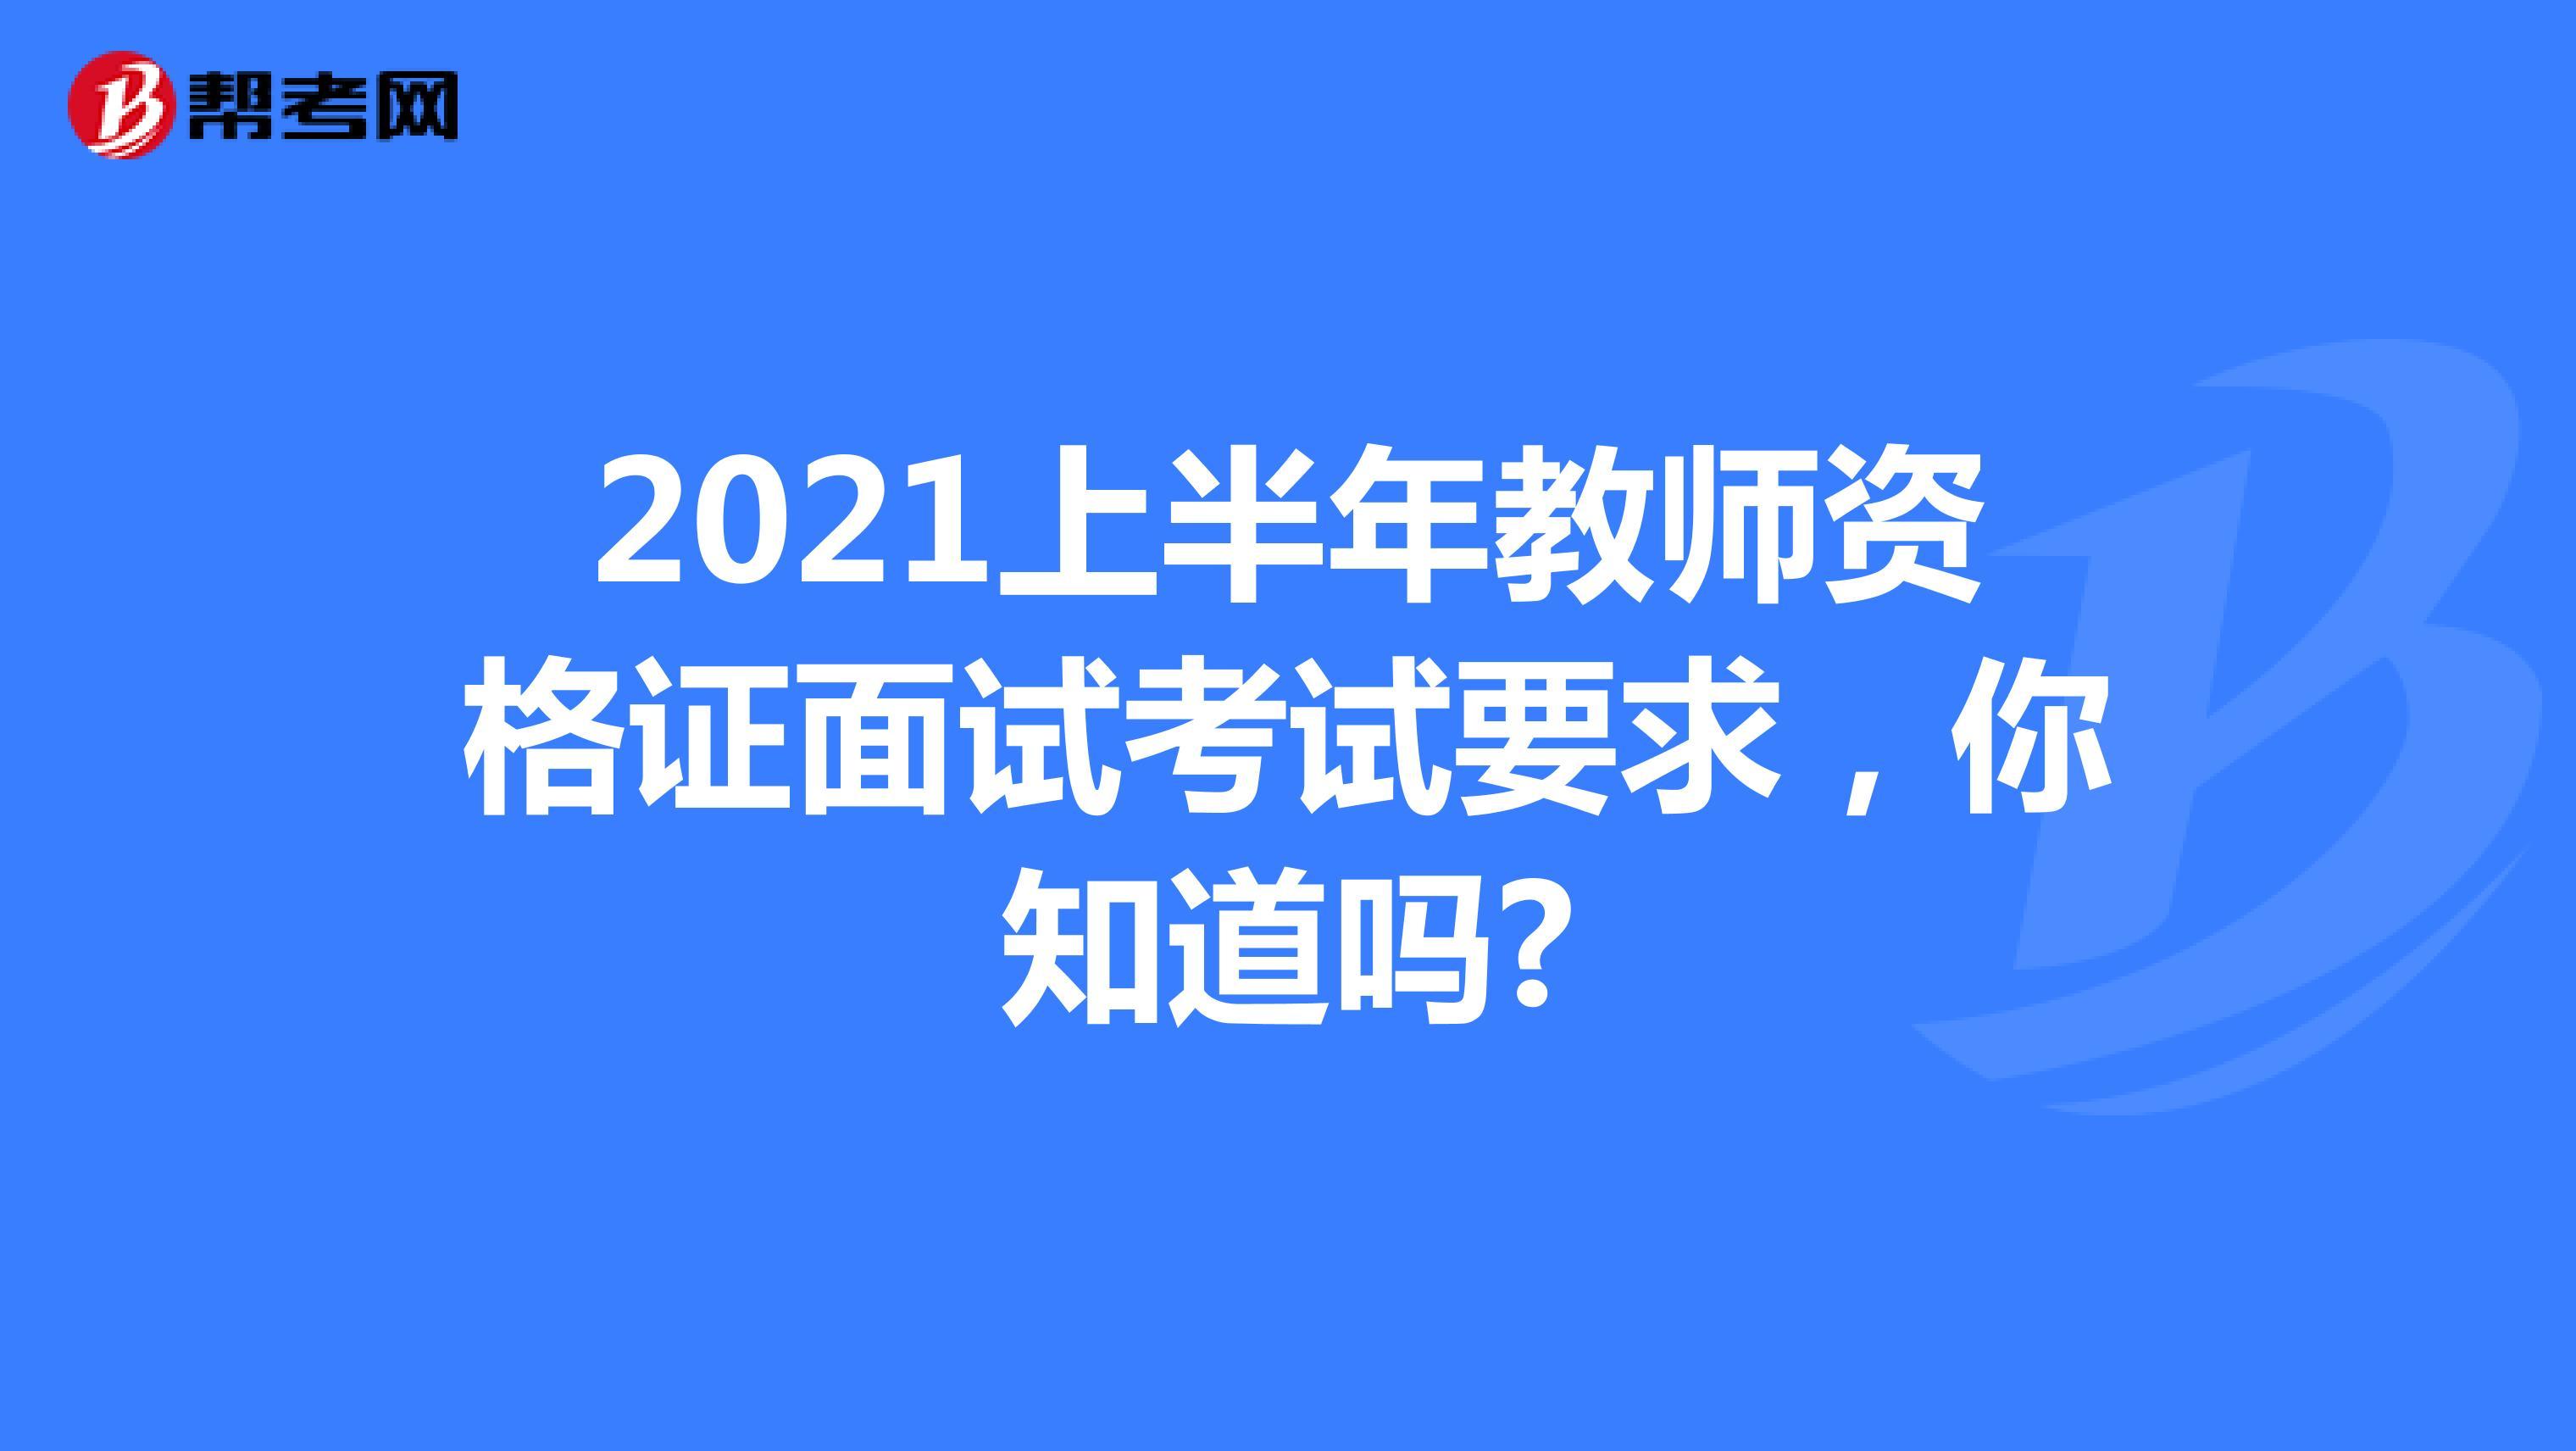 2021上半年教師資格證面試考試要求,你知道嗎?